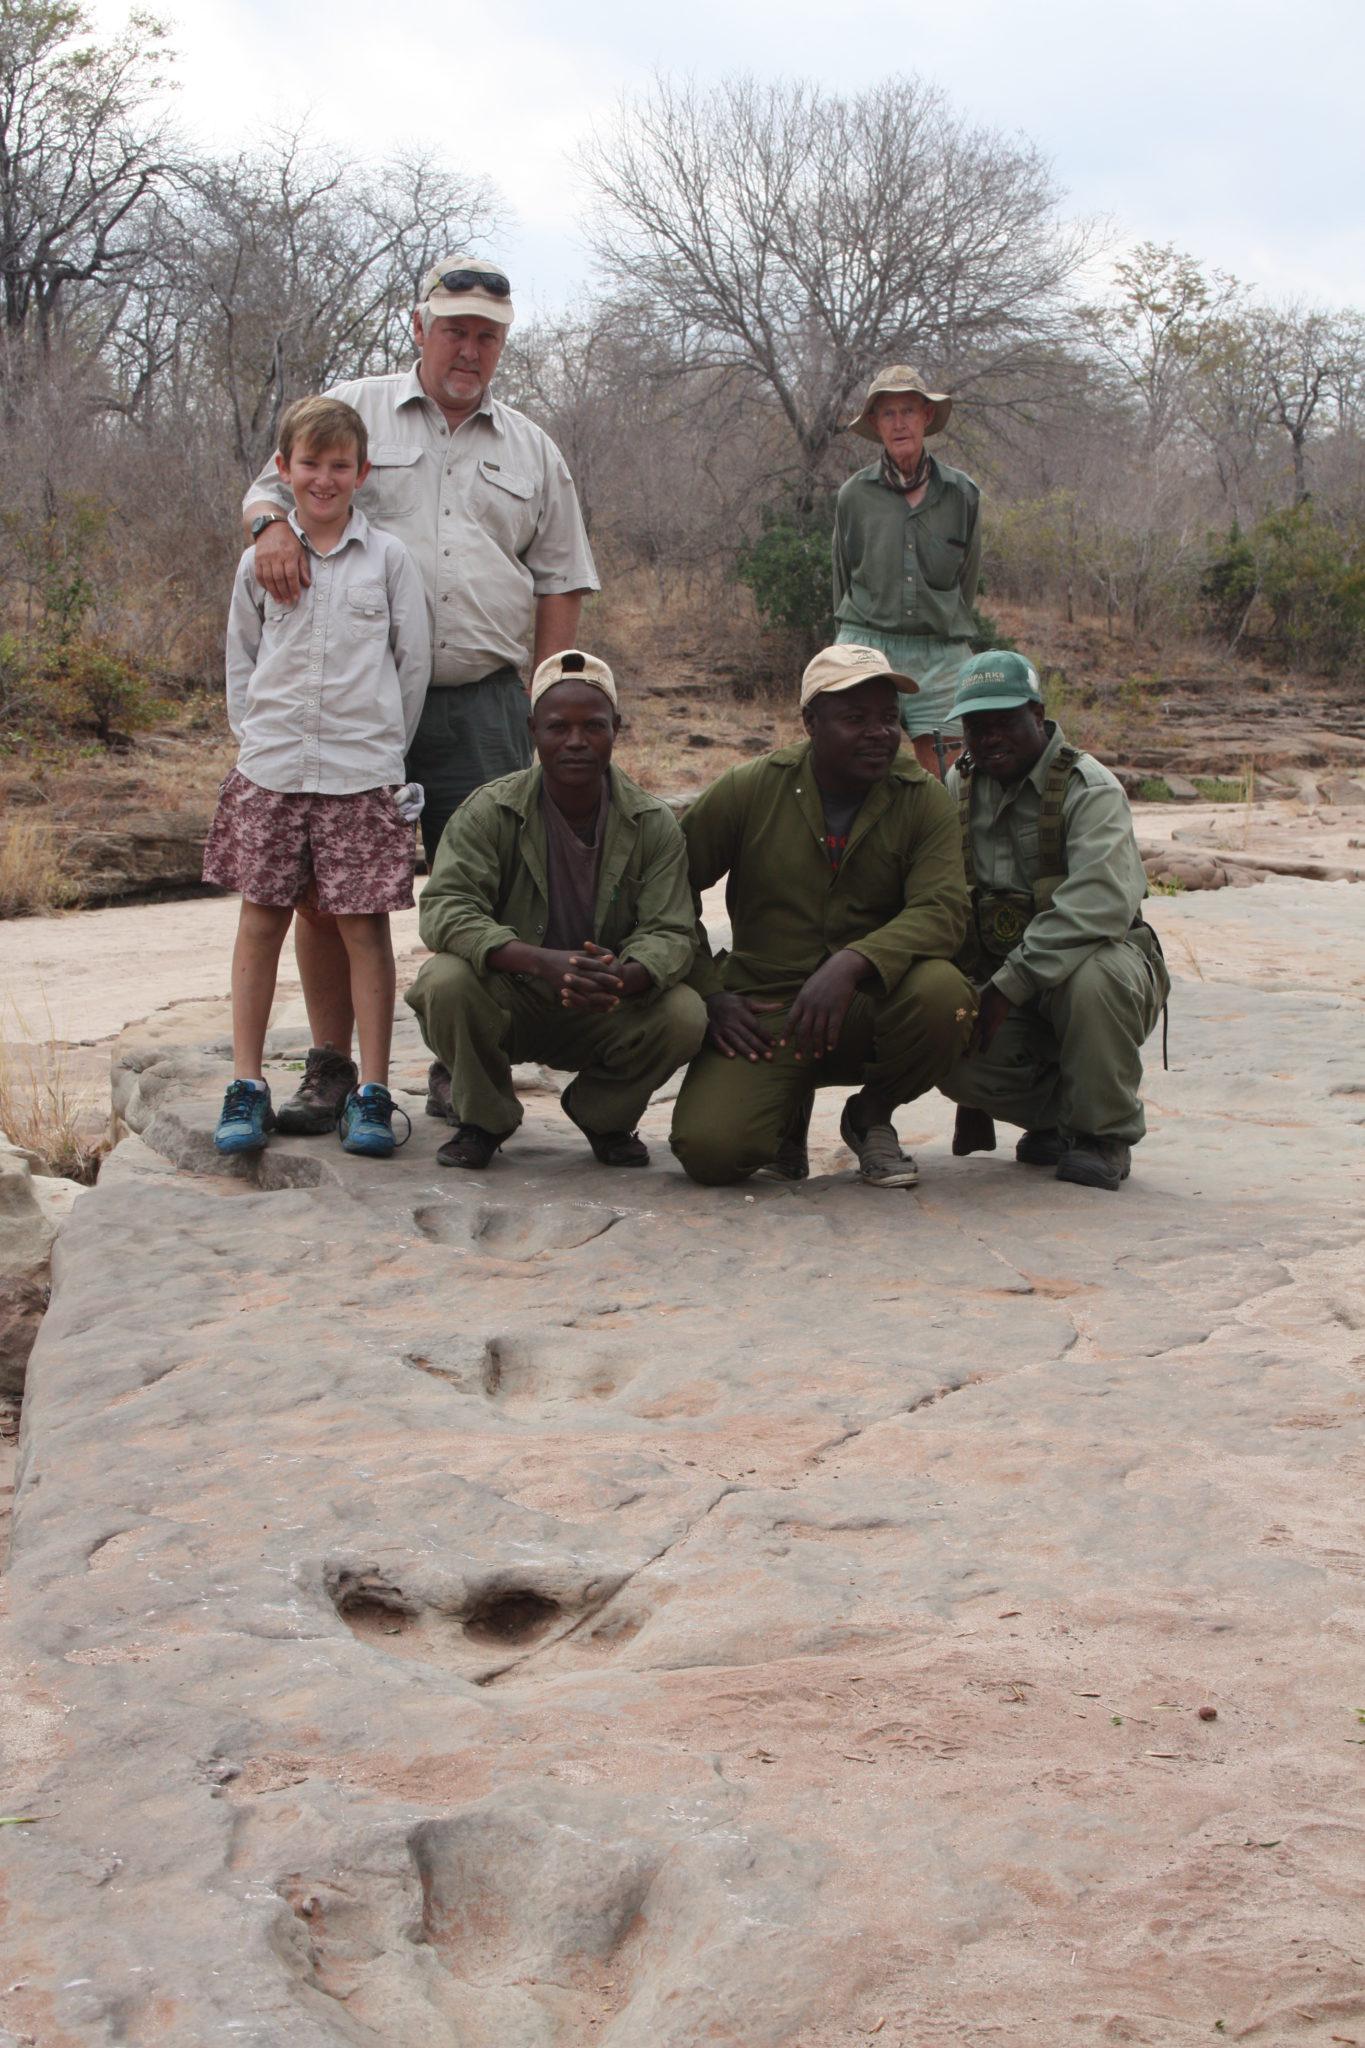 Dinosaur Delights Chewore & Zambezi canoeing safari in Zimbabwe